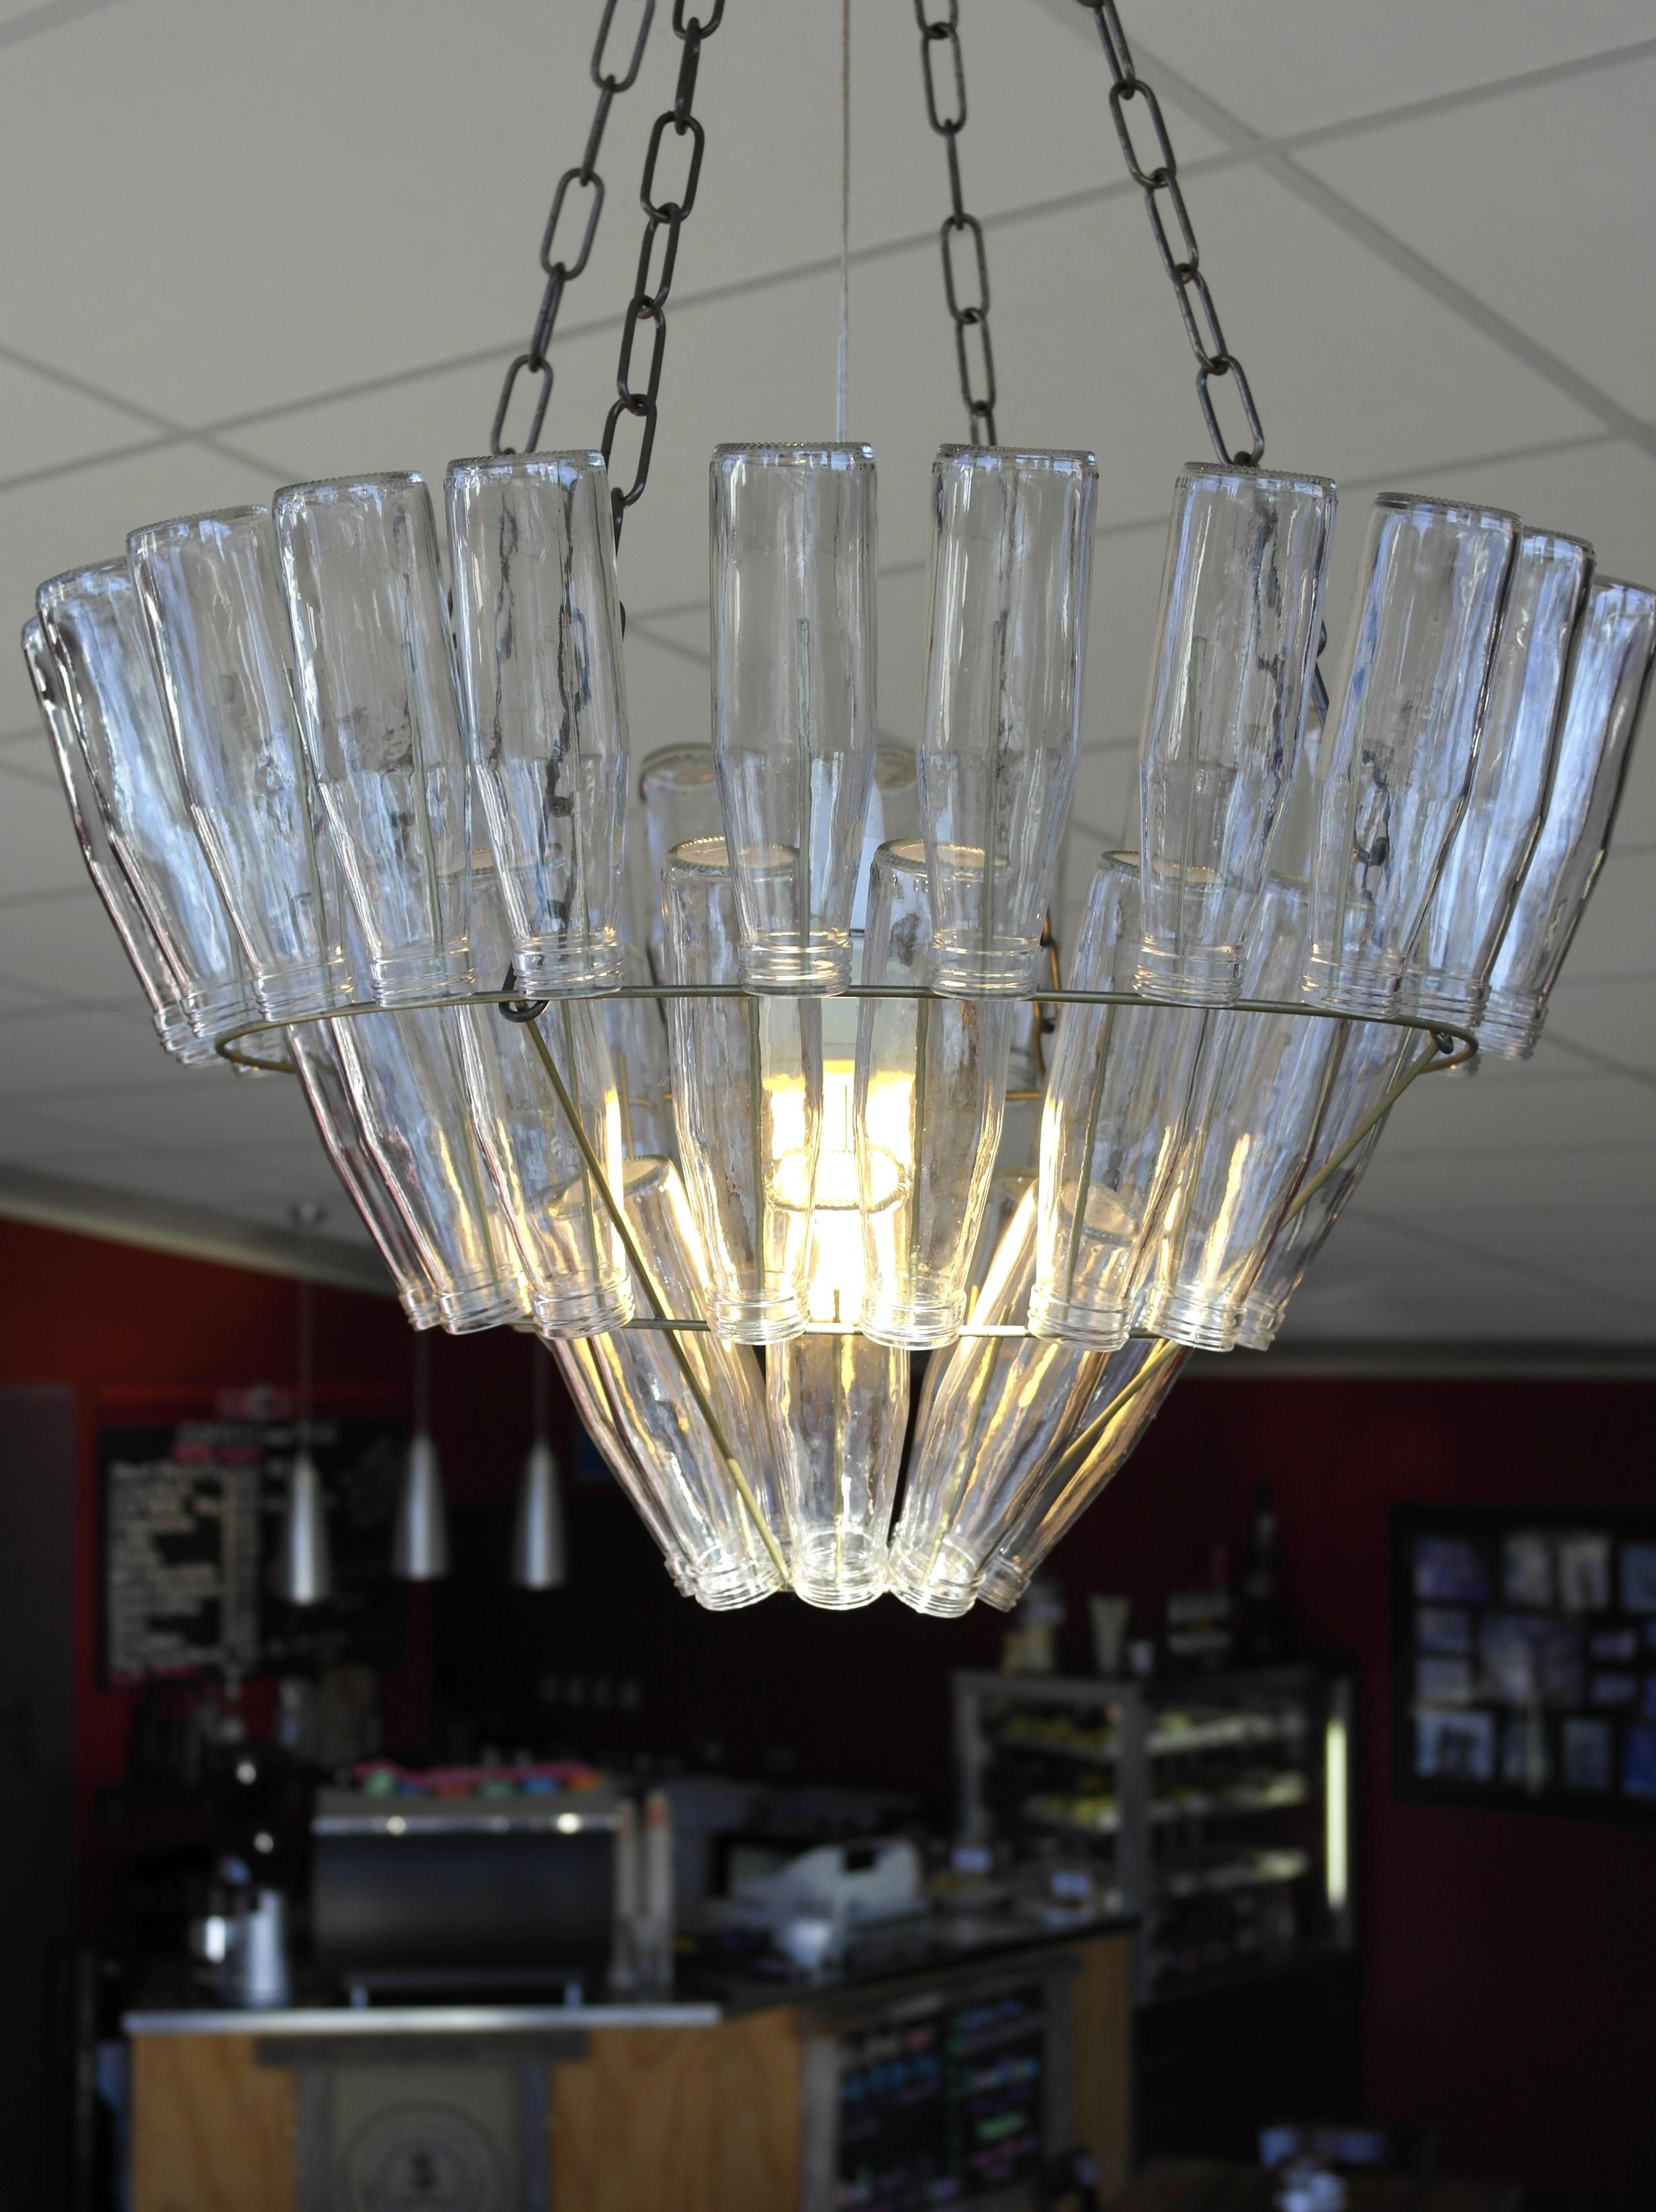 media glass australia jar recycled elm west chandelier